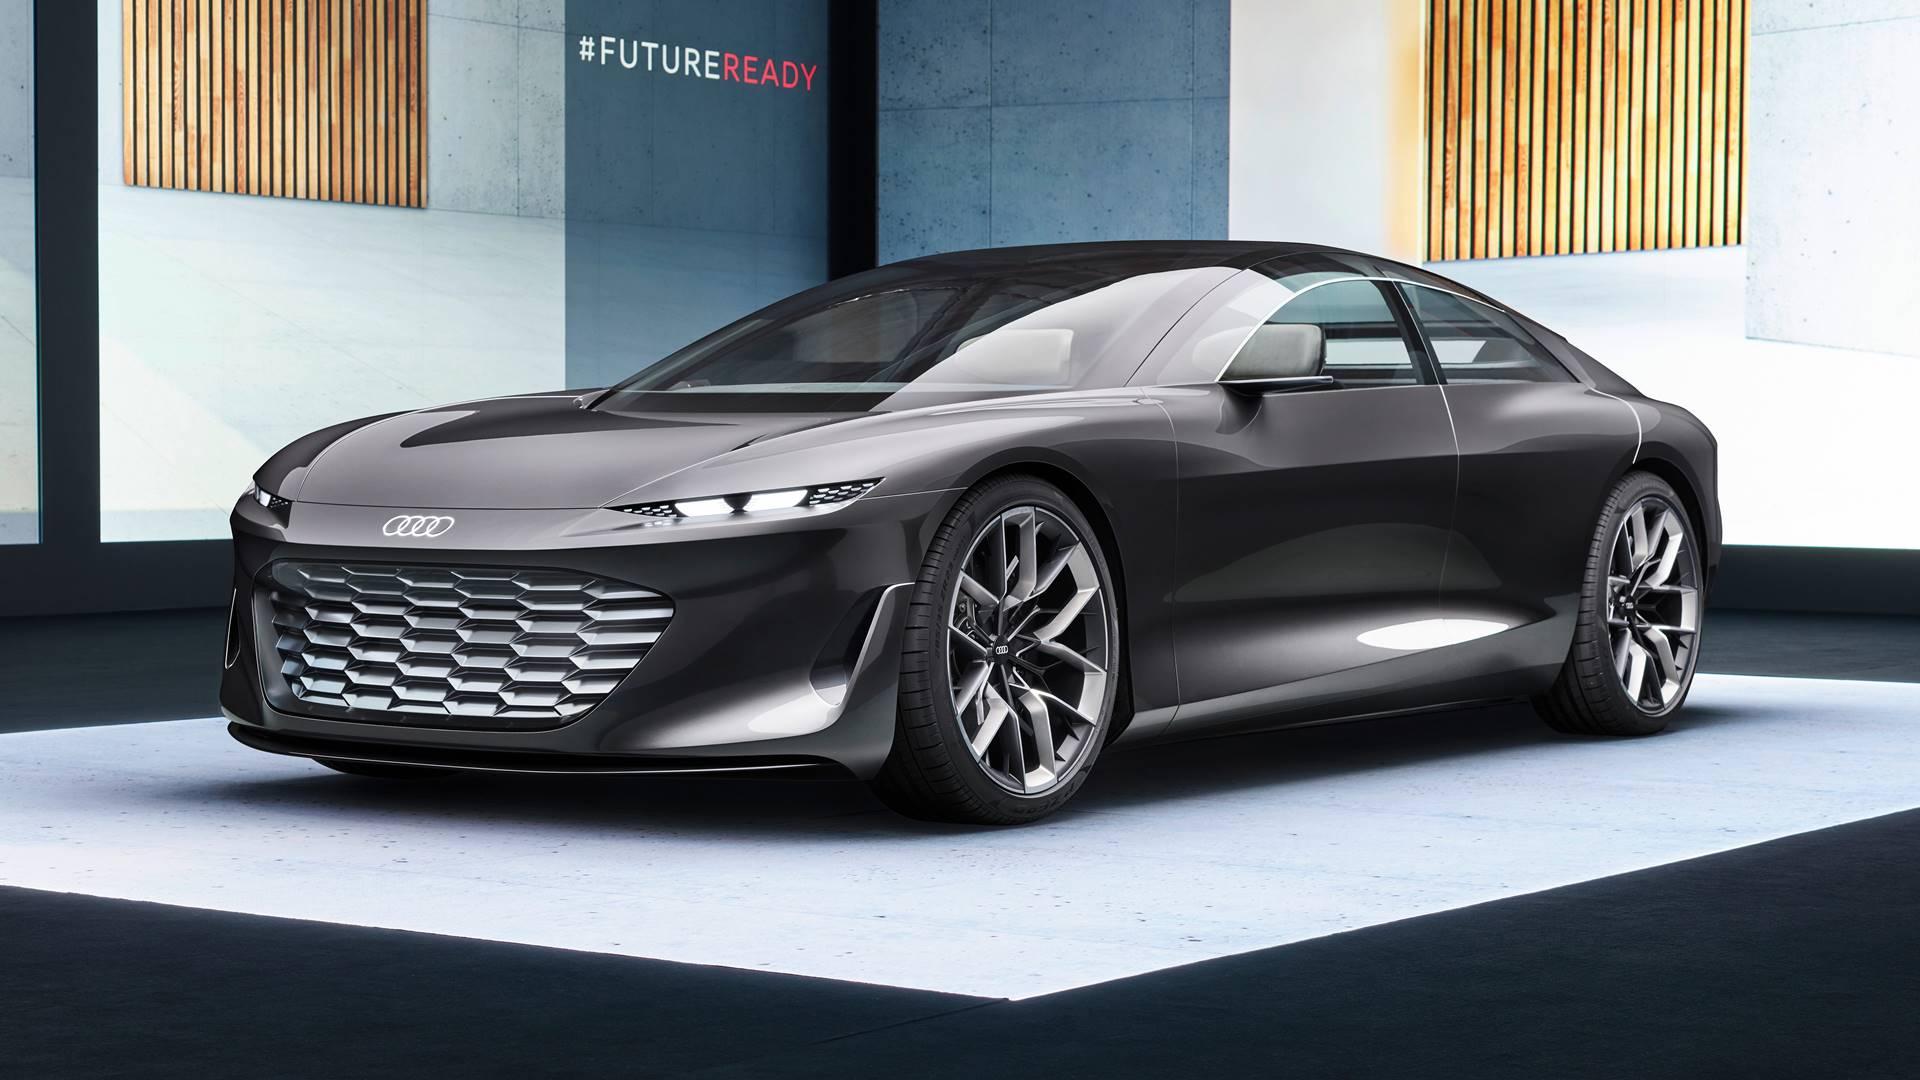 Audi Grand Sphere Concept